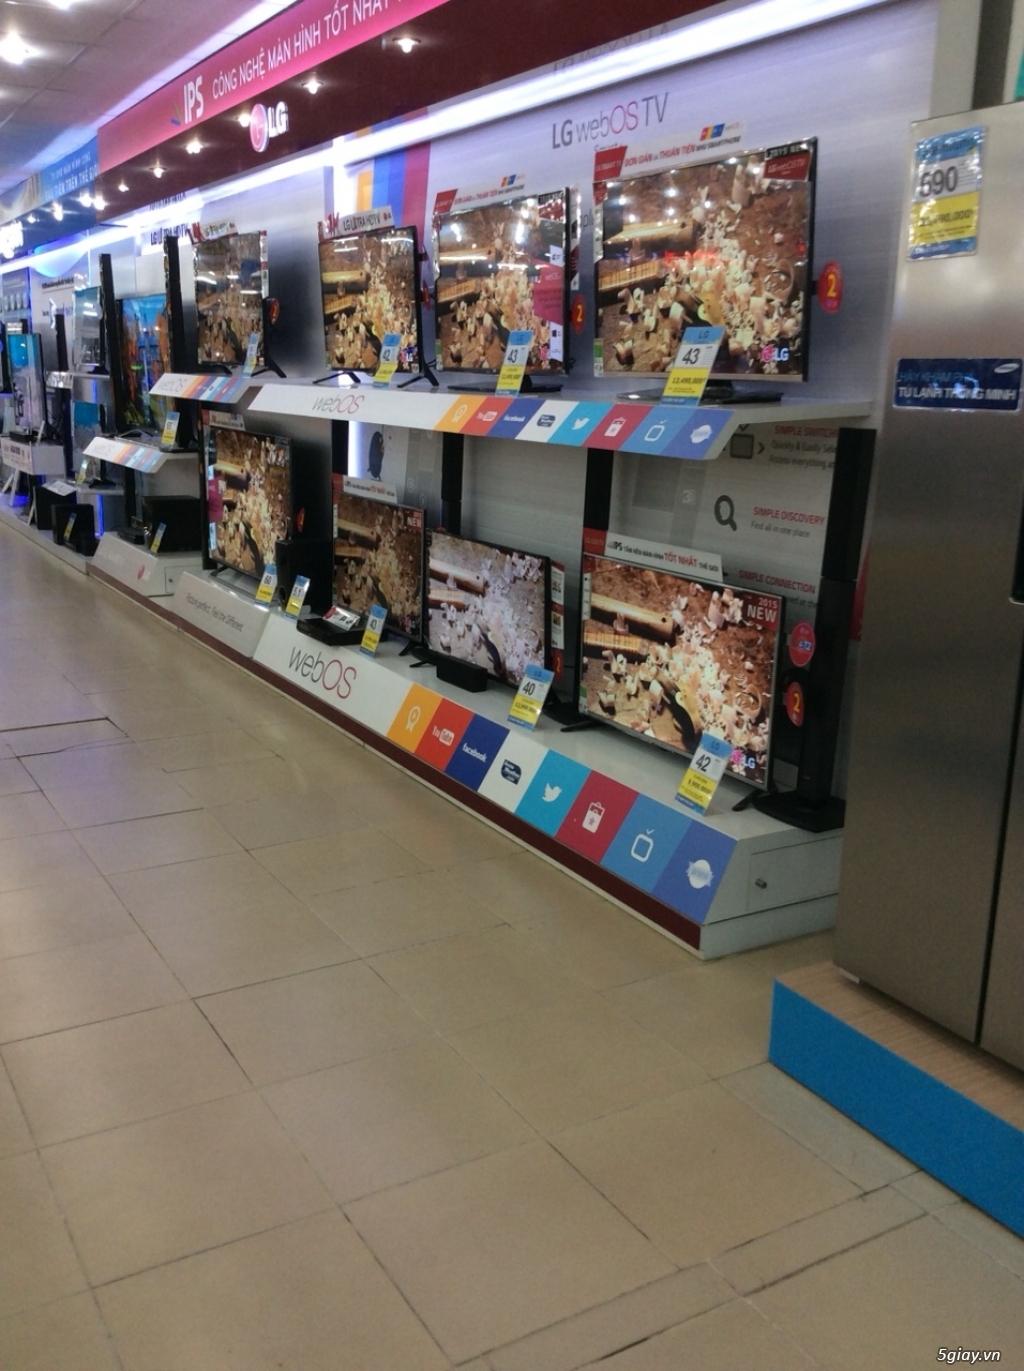 Bán trả góp điện máy tivi - máy lạnh - máy giặt - nội thất giá tốt ....0918018135 - 12